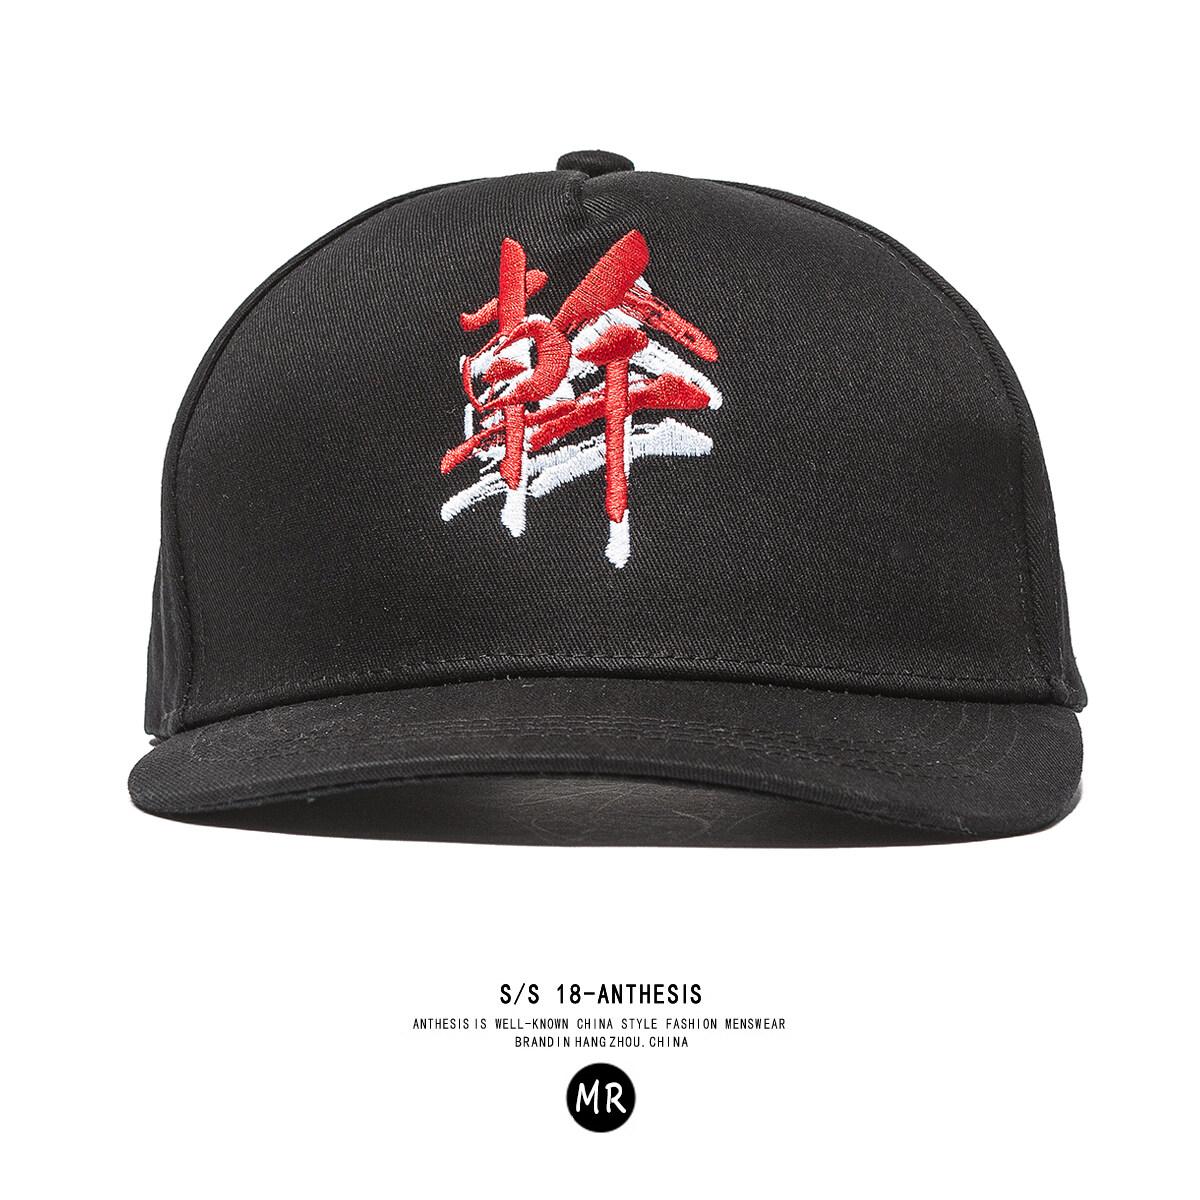 钱塘6017 M01 -M05 F30国潮改良日系刺绣棉质棒球棒男士帽子 钱塘6017 M01-M05 F30